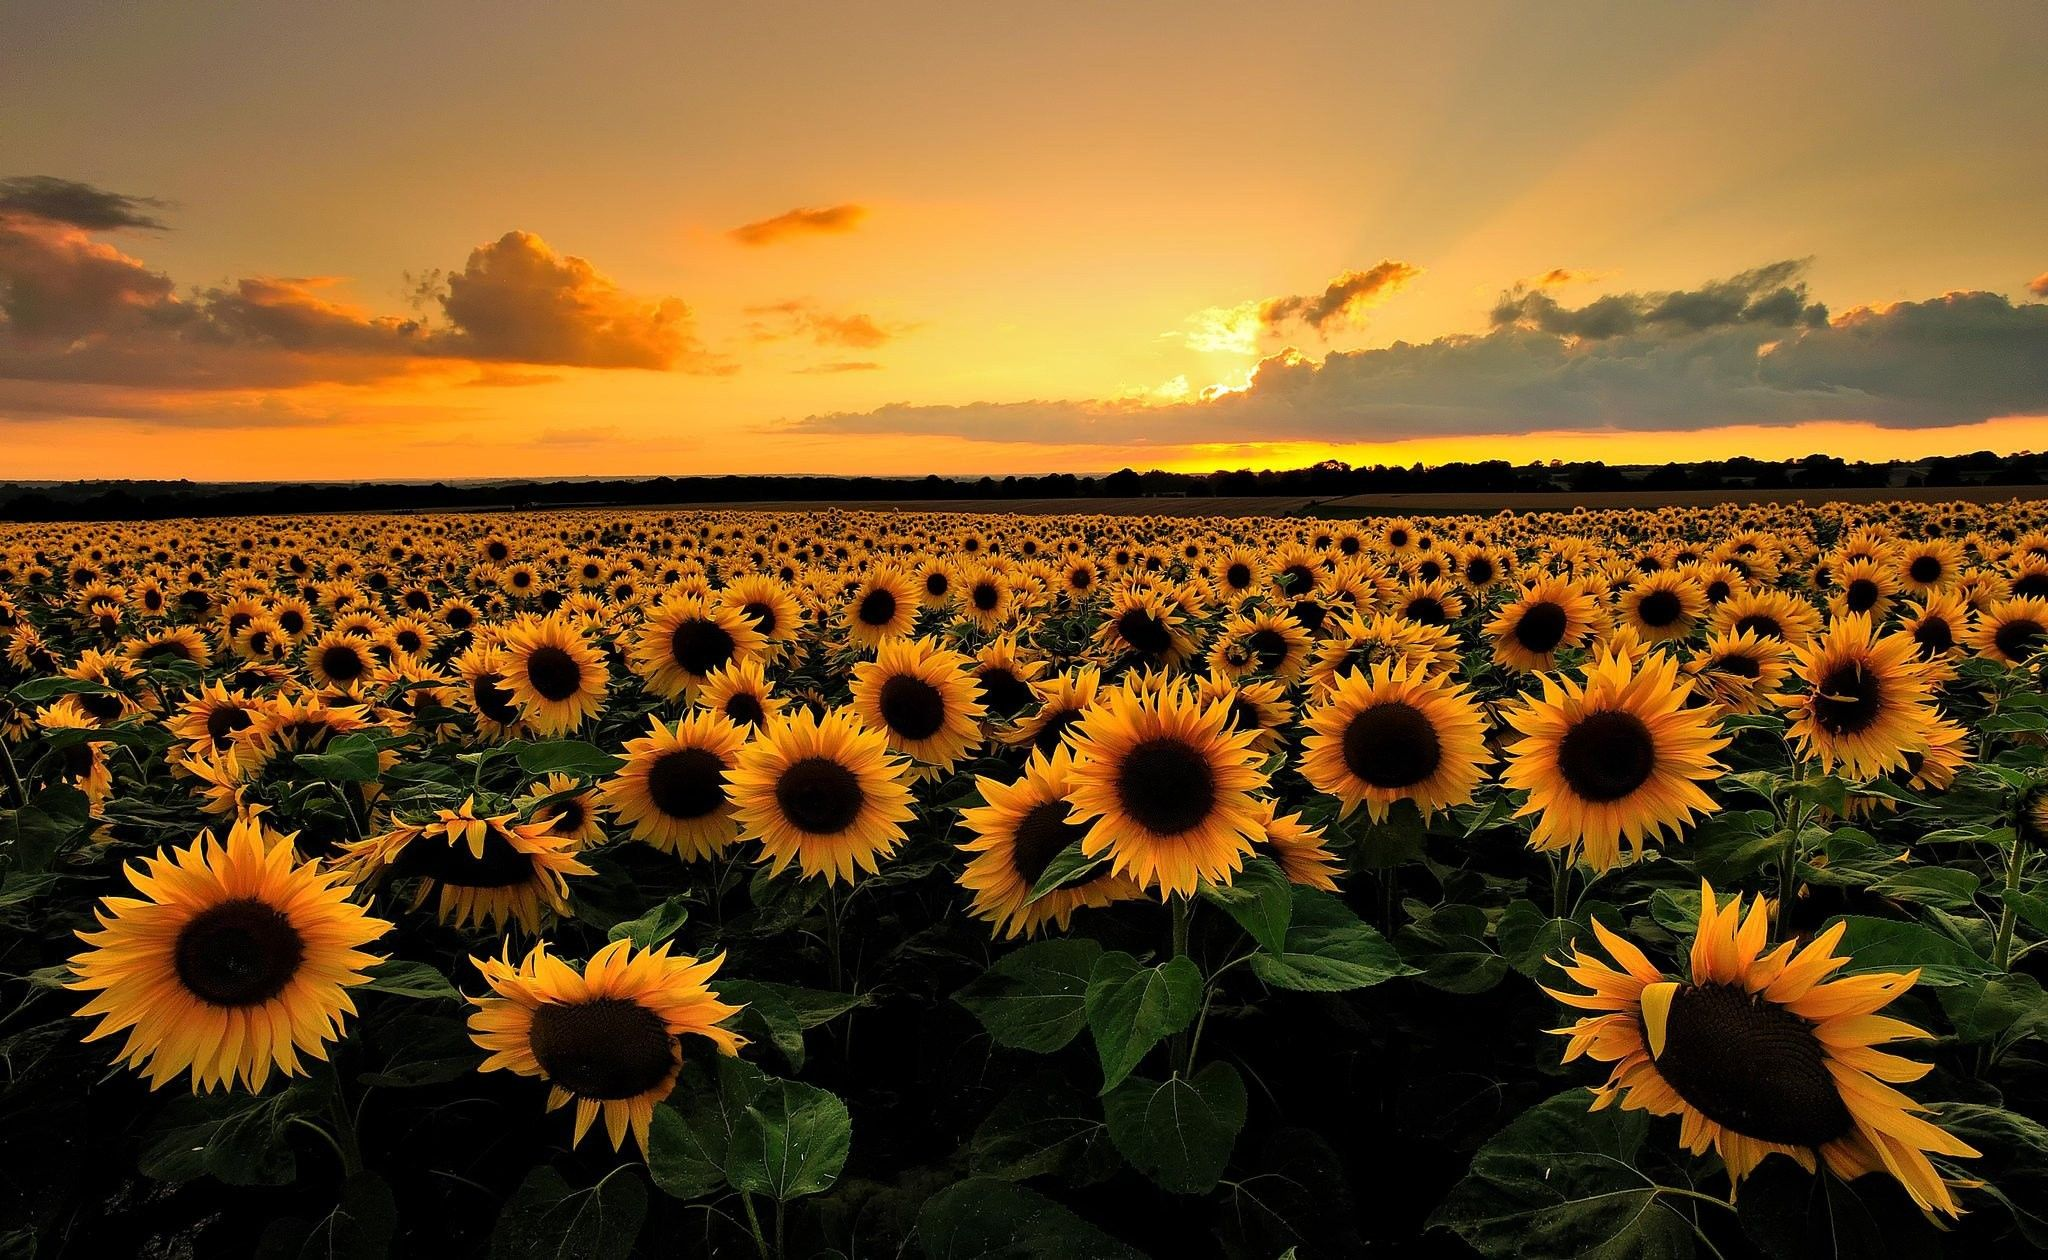 sunflower desktop wallpapers top